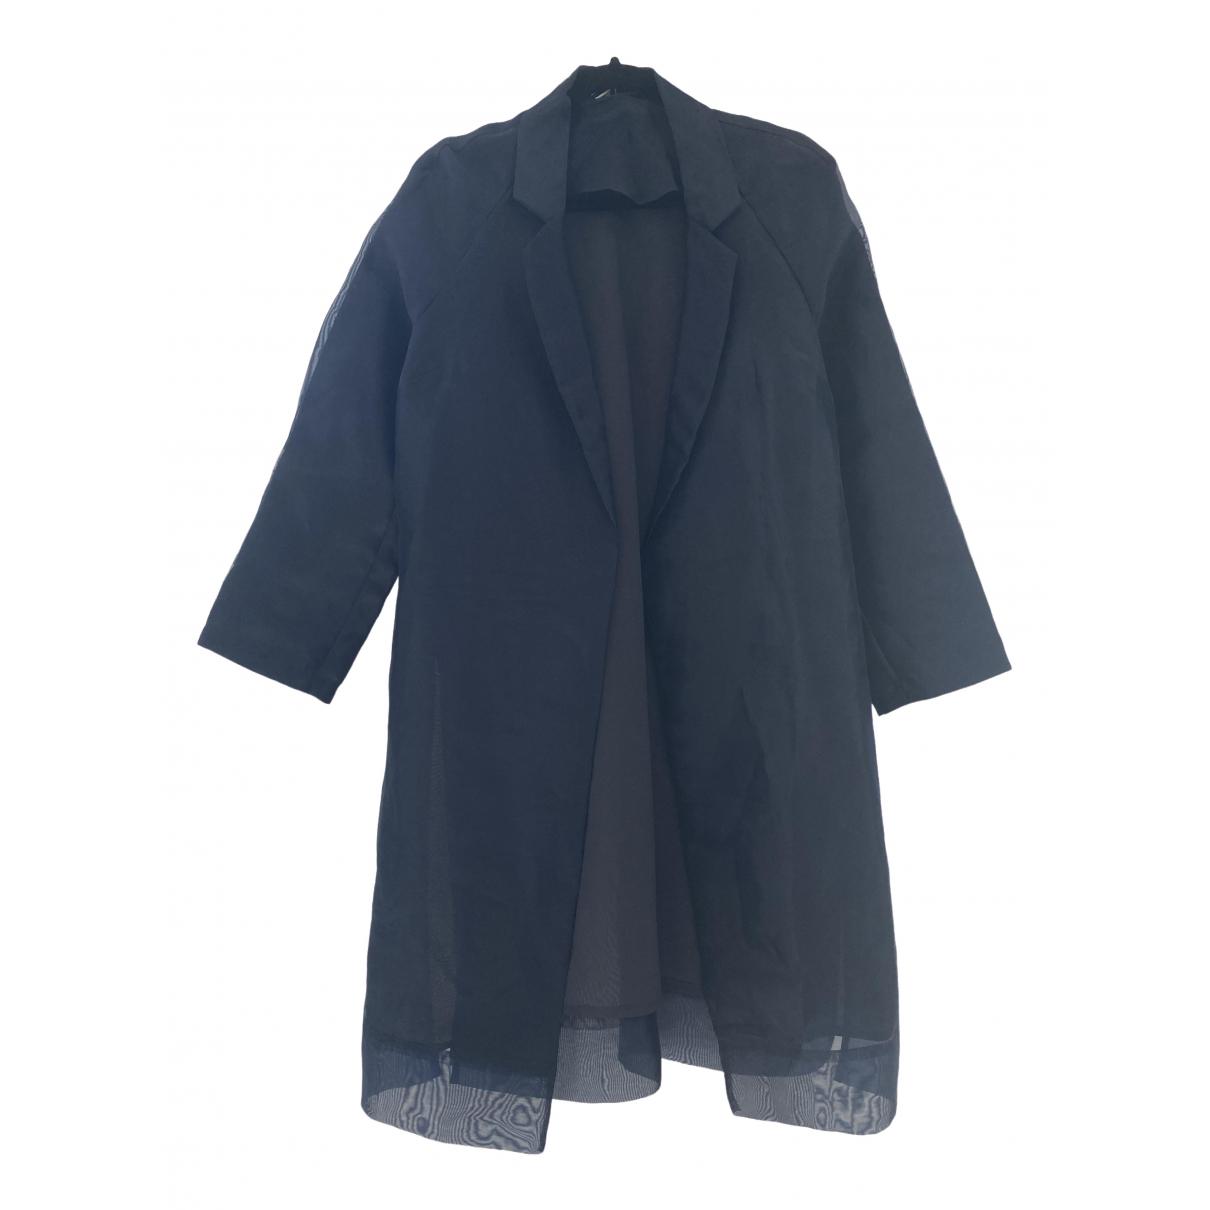 Topshop - Manteau   pour femme - bleu